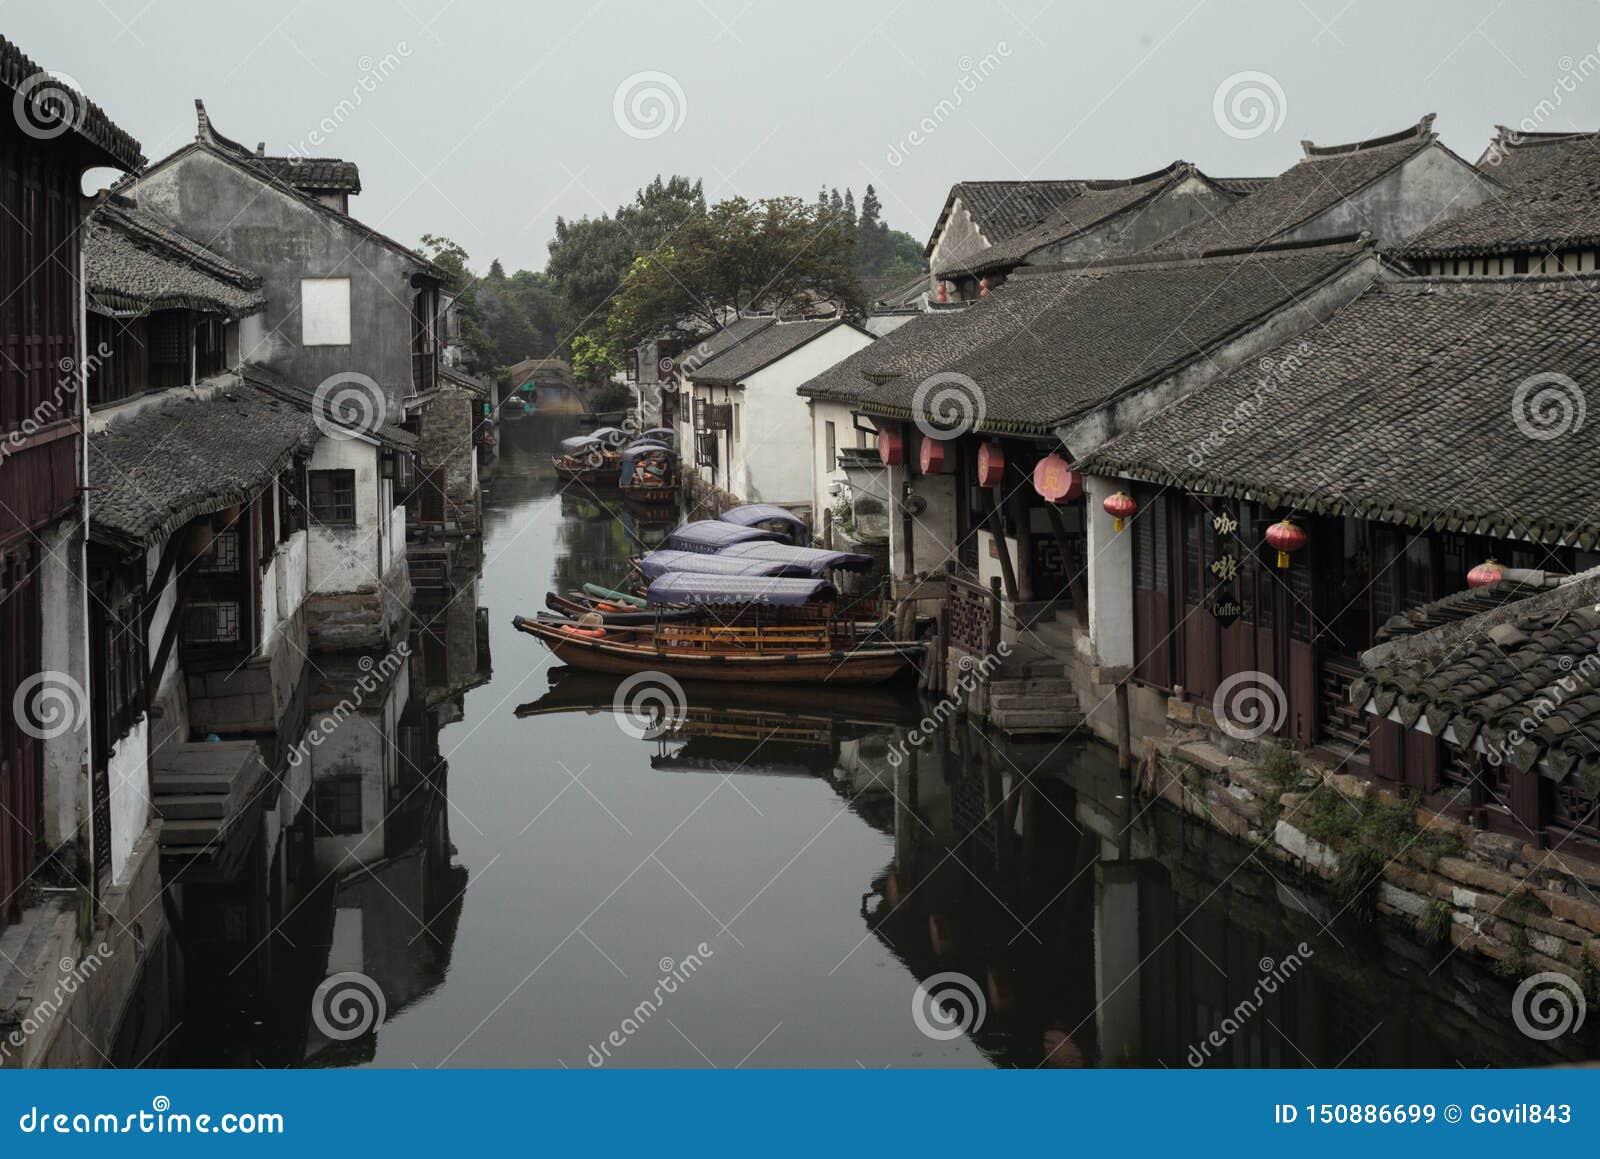 ZHOUZHUANG, CHINA: Casas viejas y reflexión del barco en un canal del pueblo